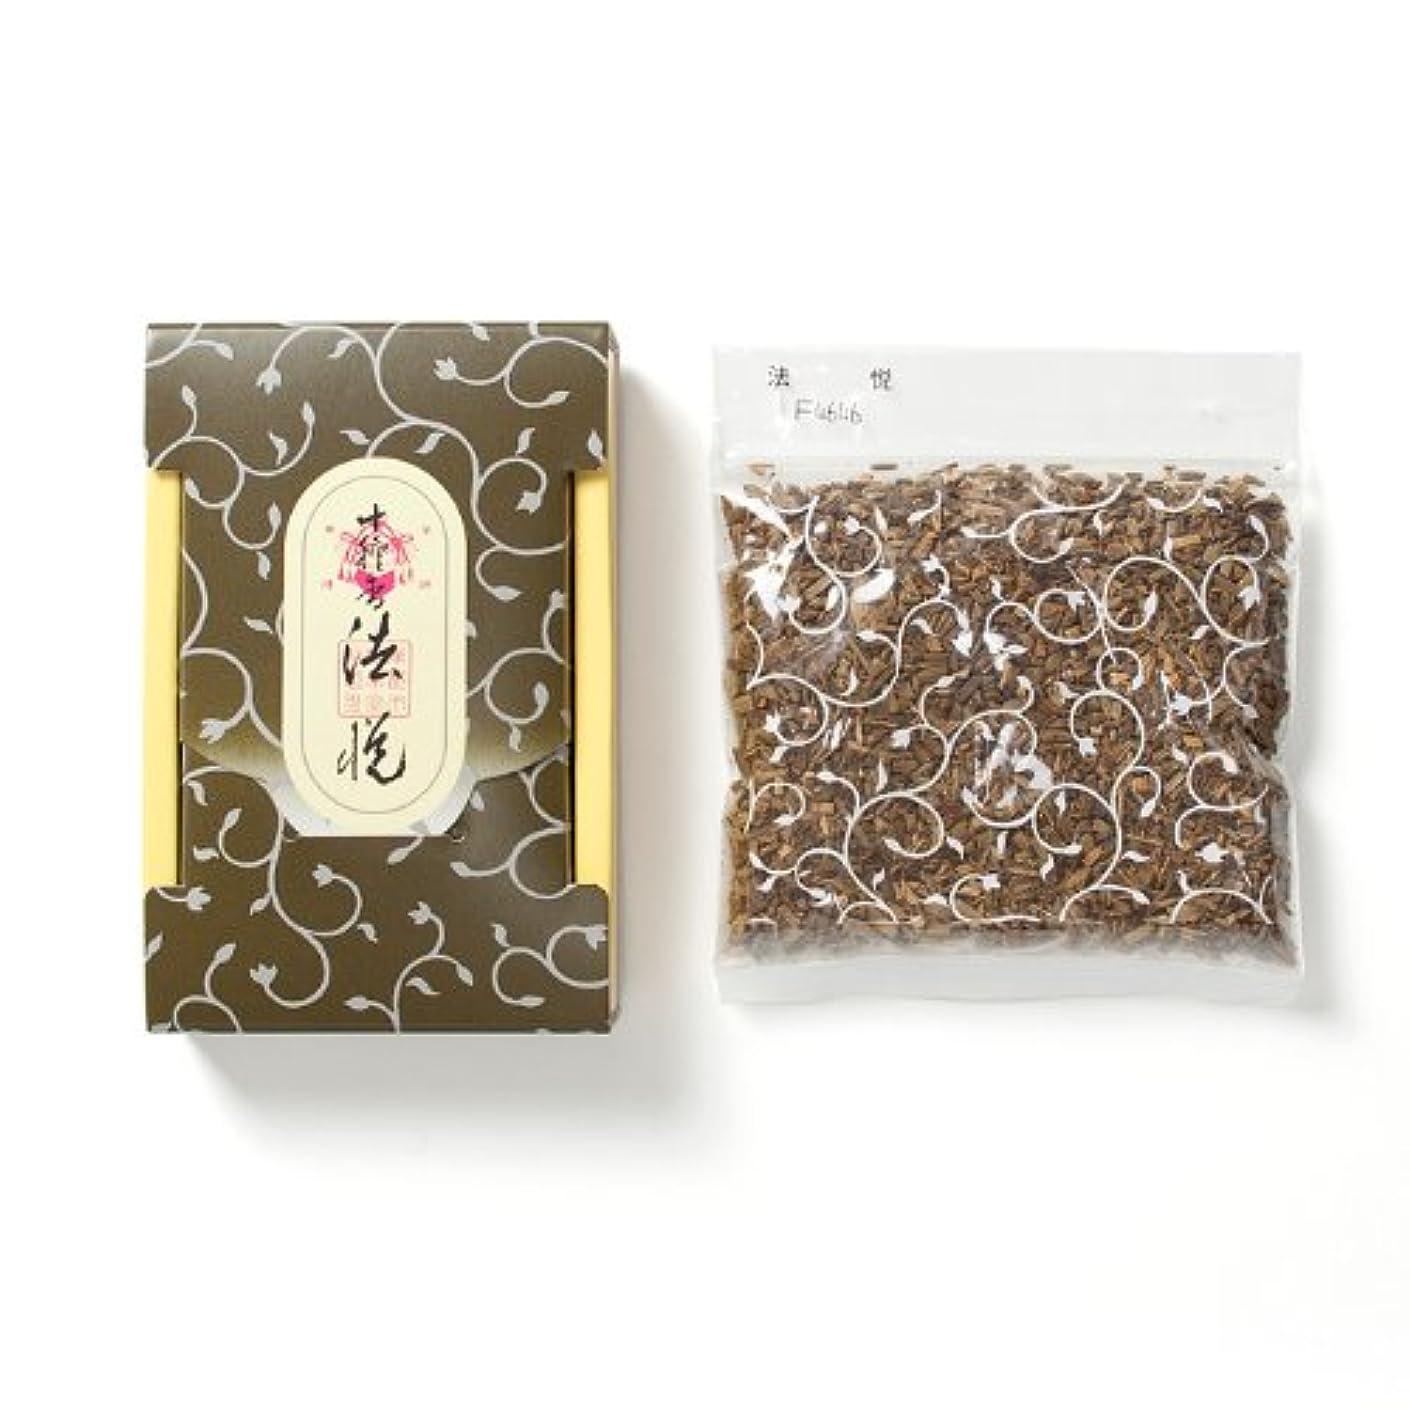 病なラベルはげ松栄堂のお焼香 十種香 法悦 25g詰 小箱入 #411041